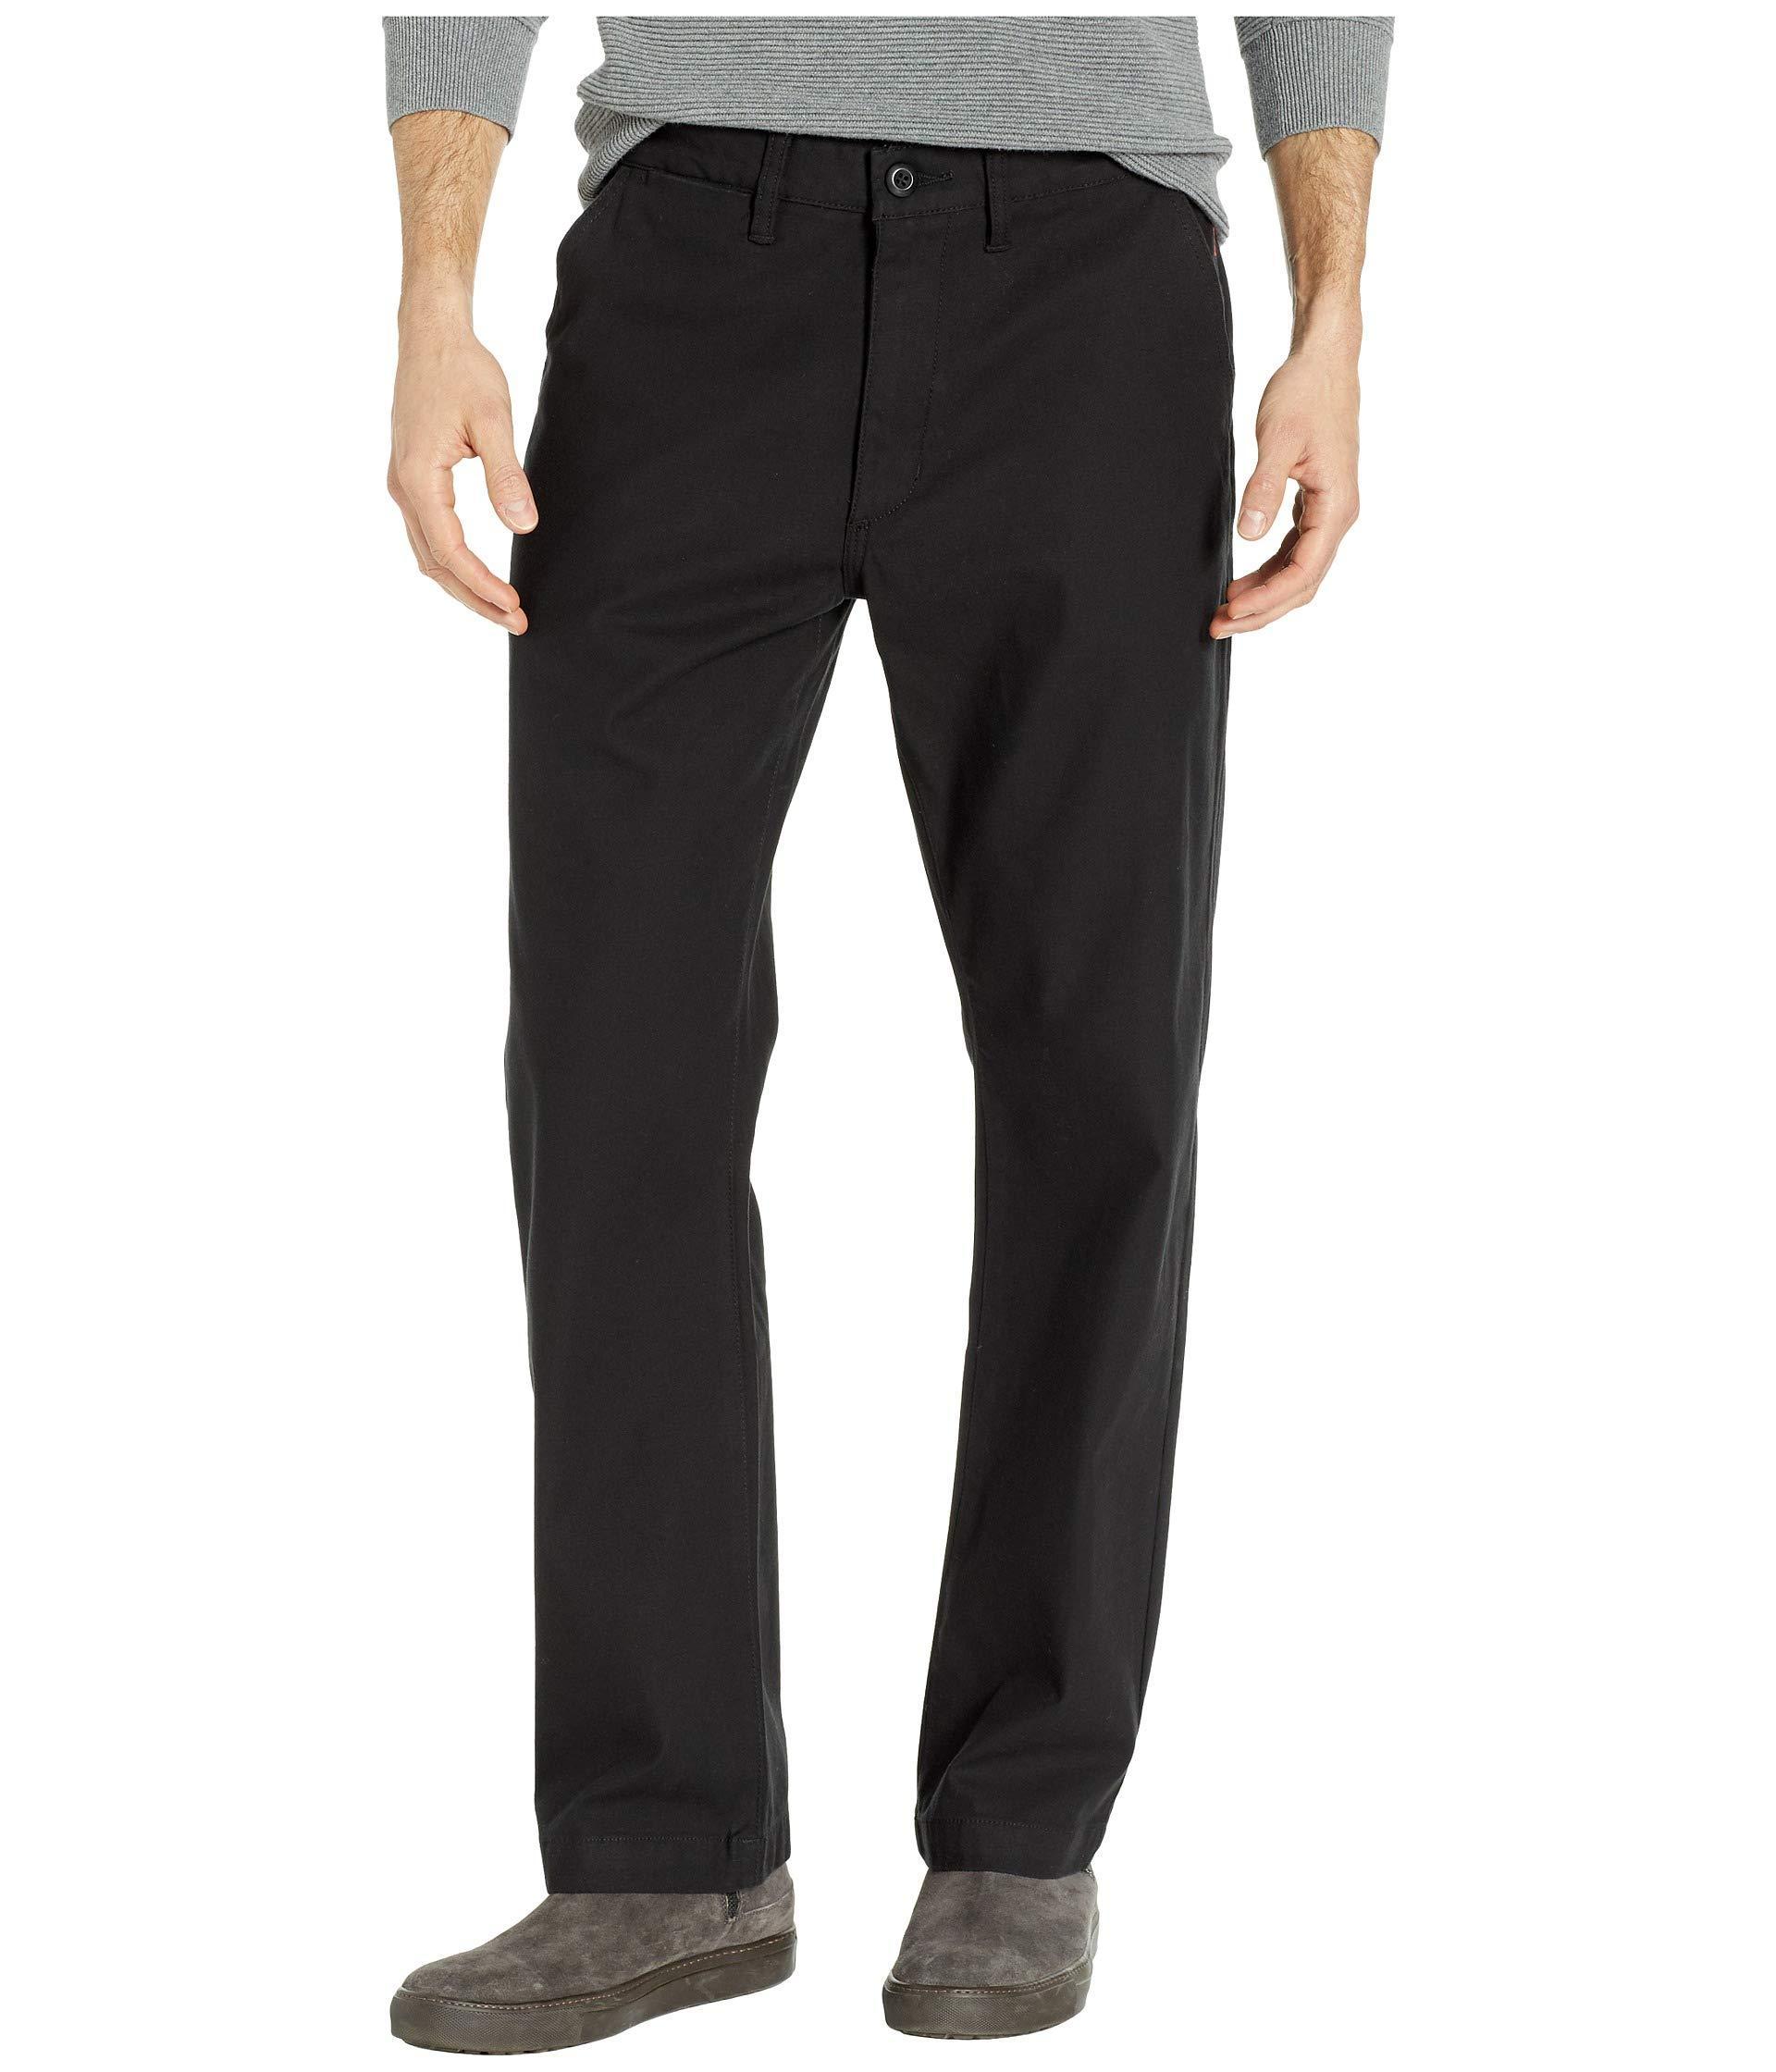 e5ca161440 Lyst - Globe G6 Appleyard Rage Pants (weed) Men's Casual Pants in ...